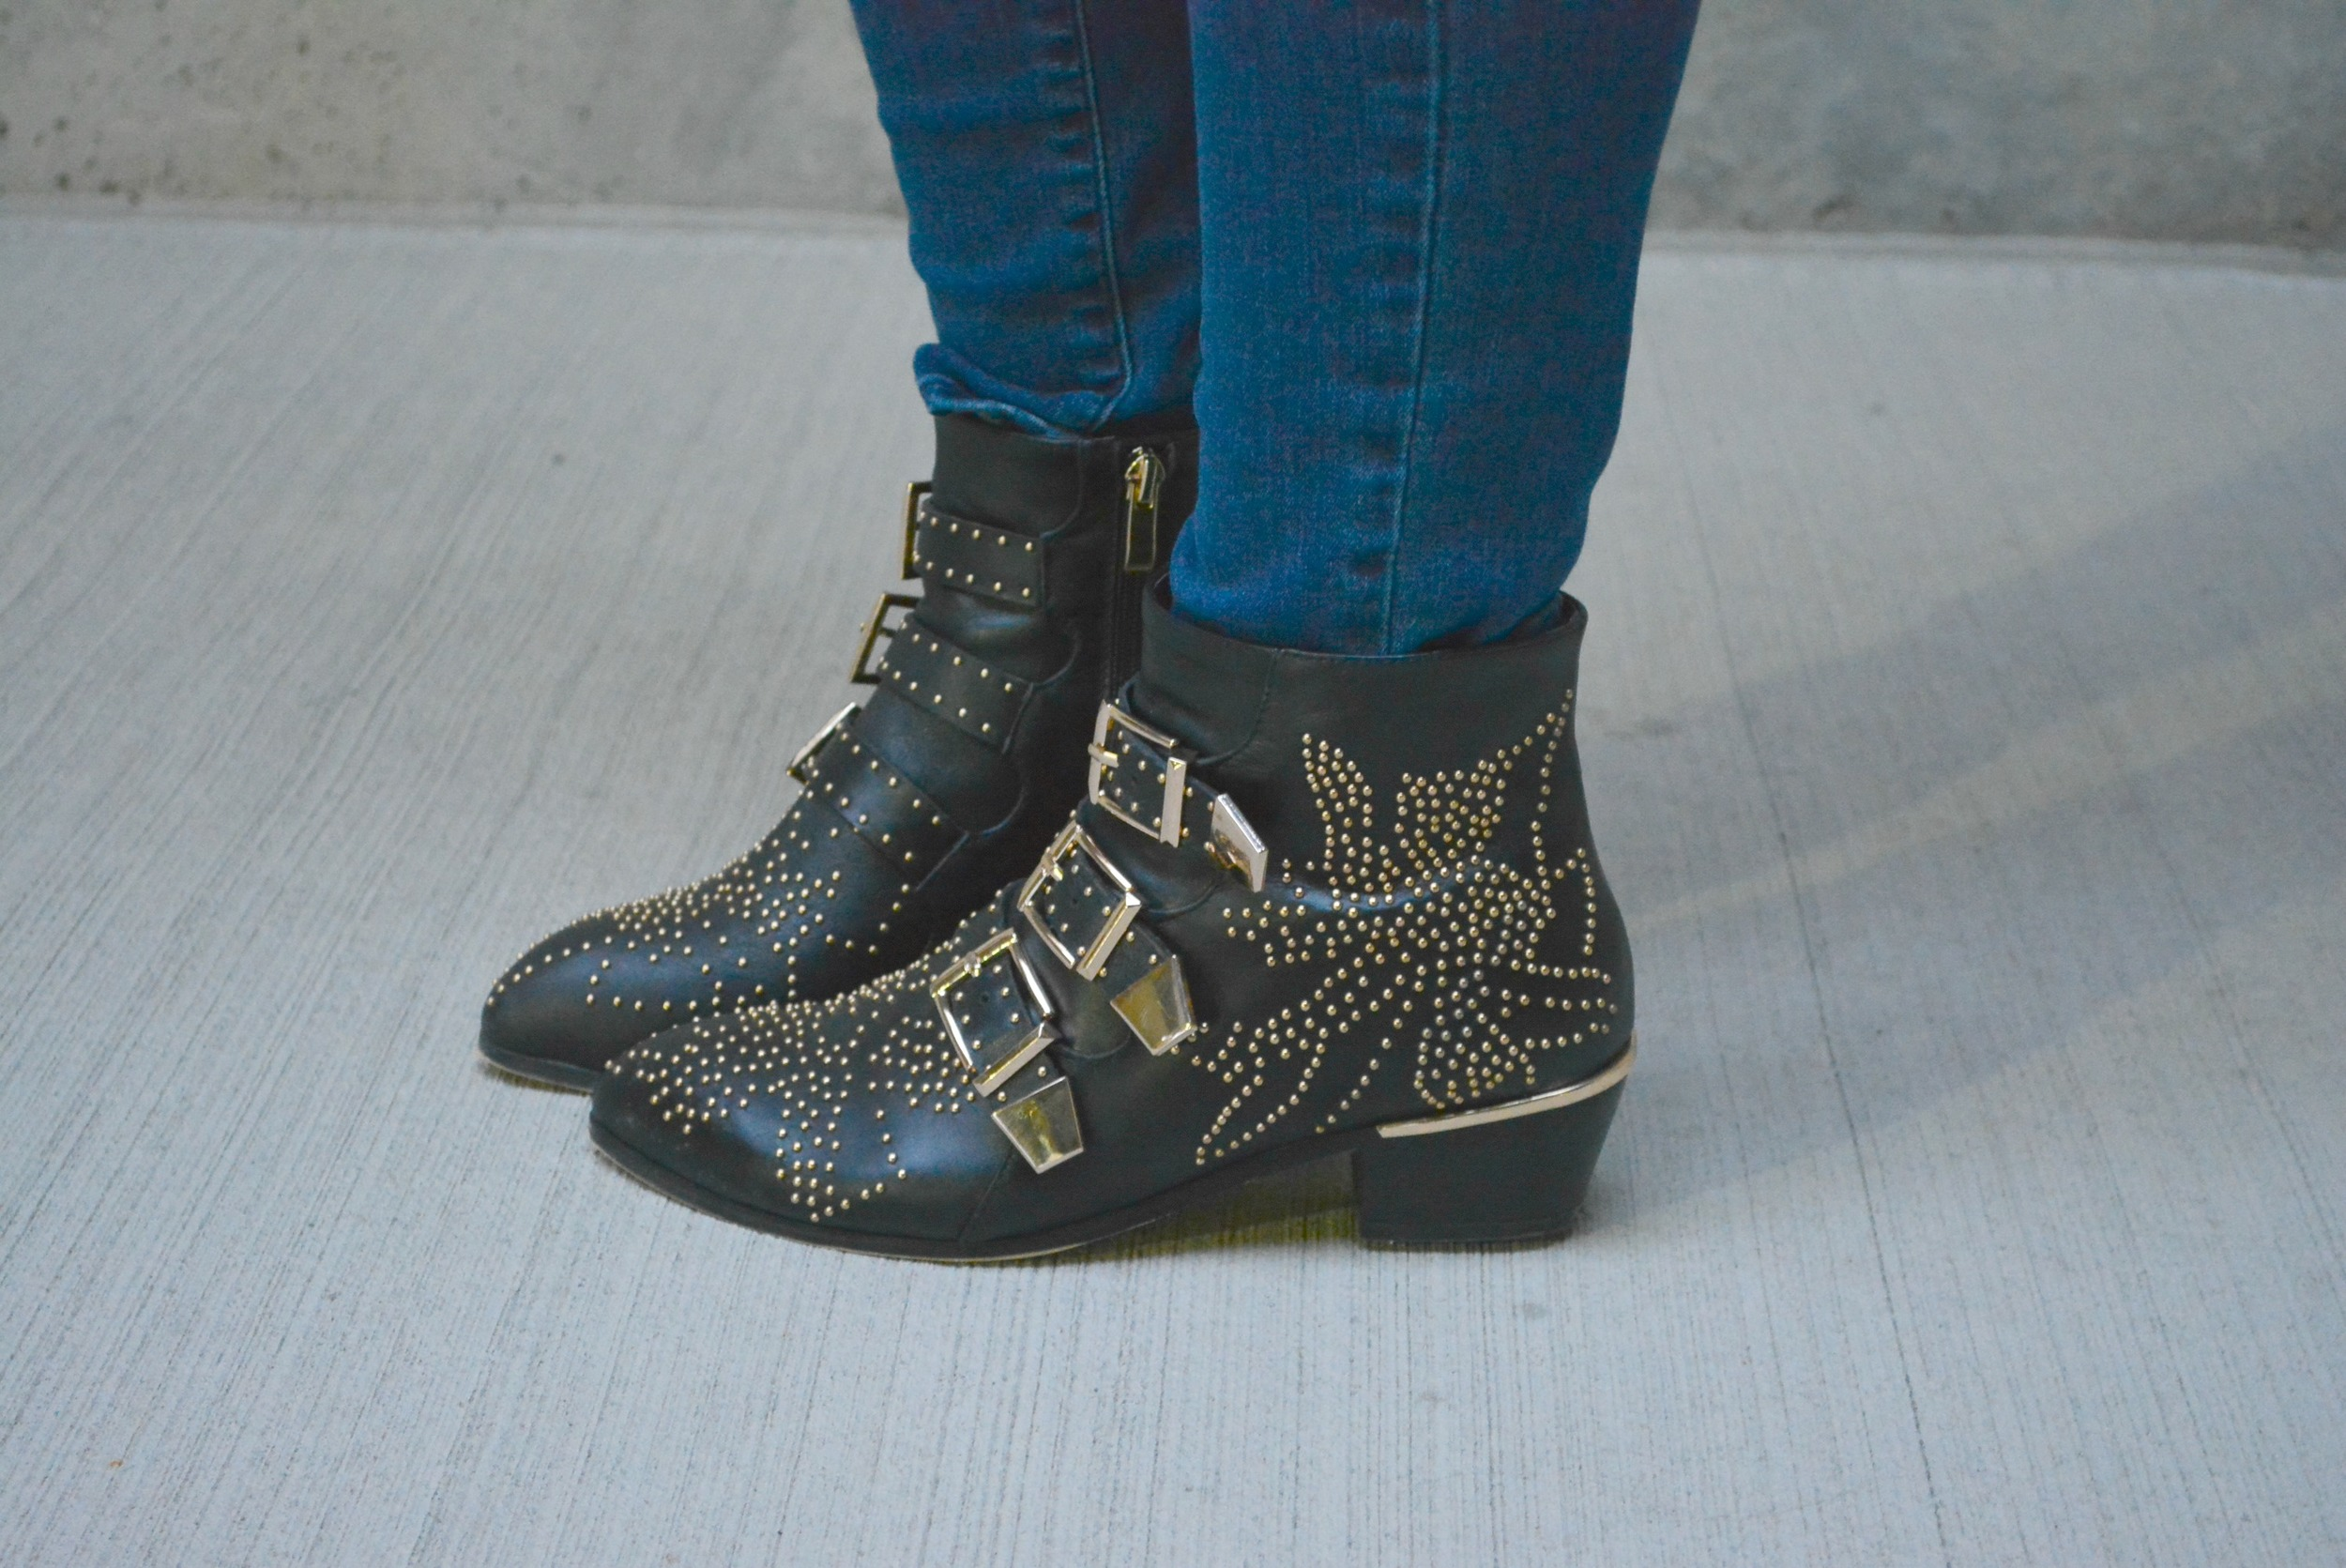 Black Chloe-ish booties